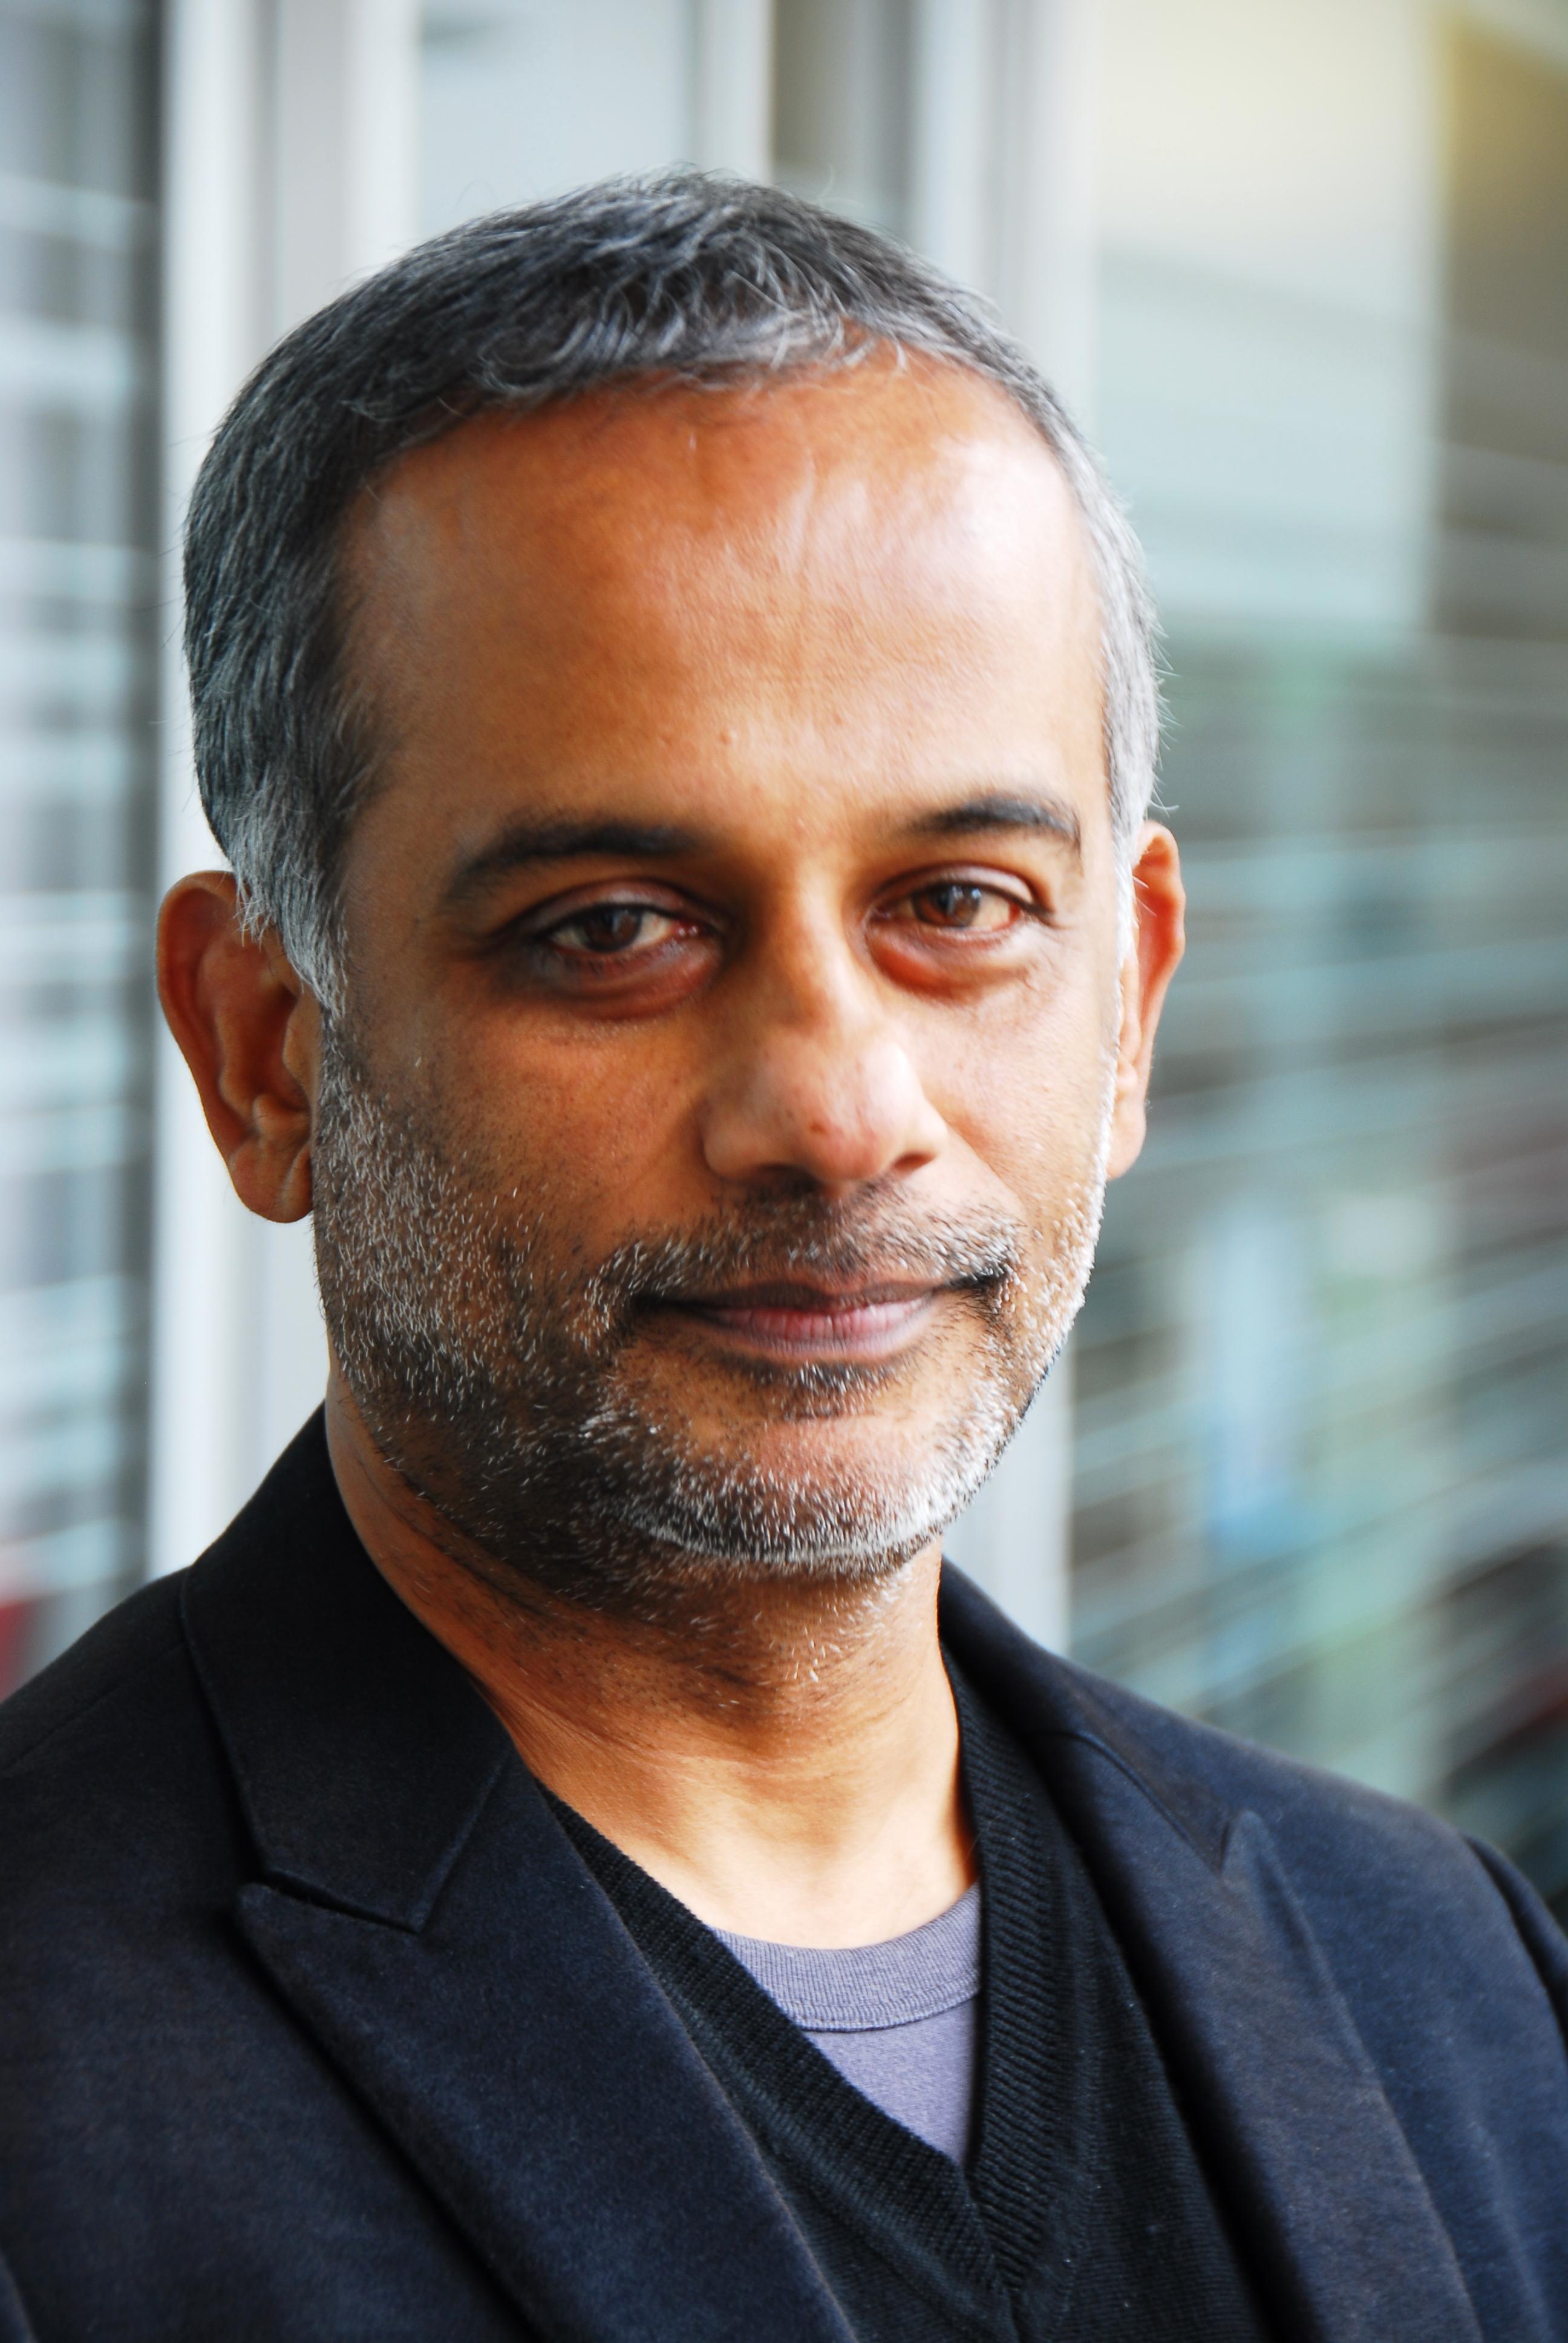 Professor Ramaswami   Harindranath